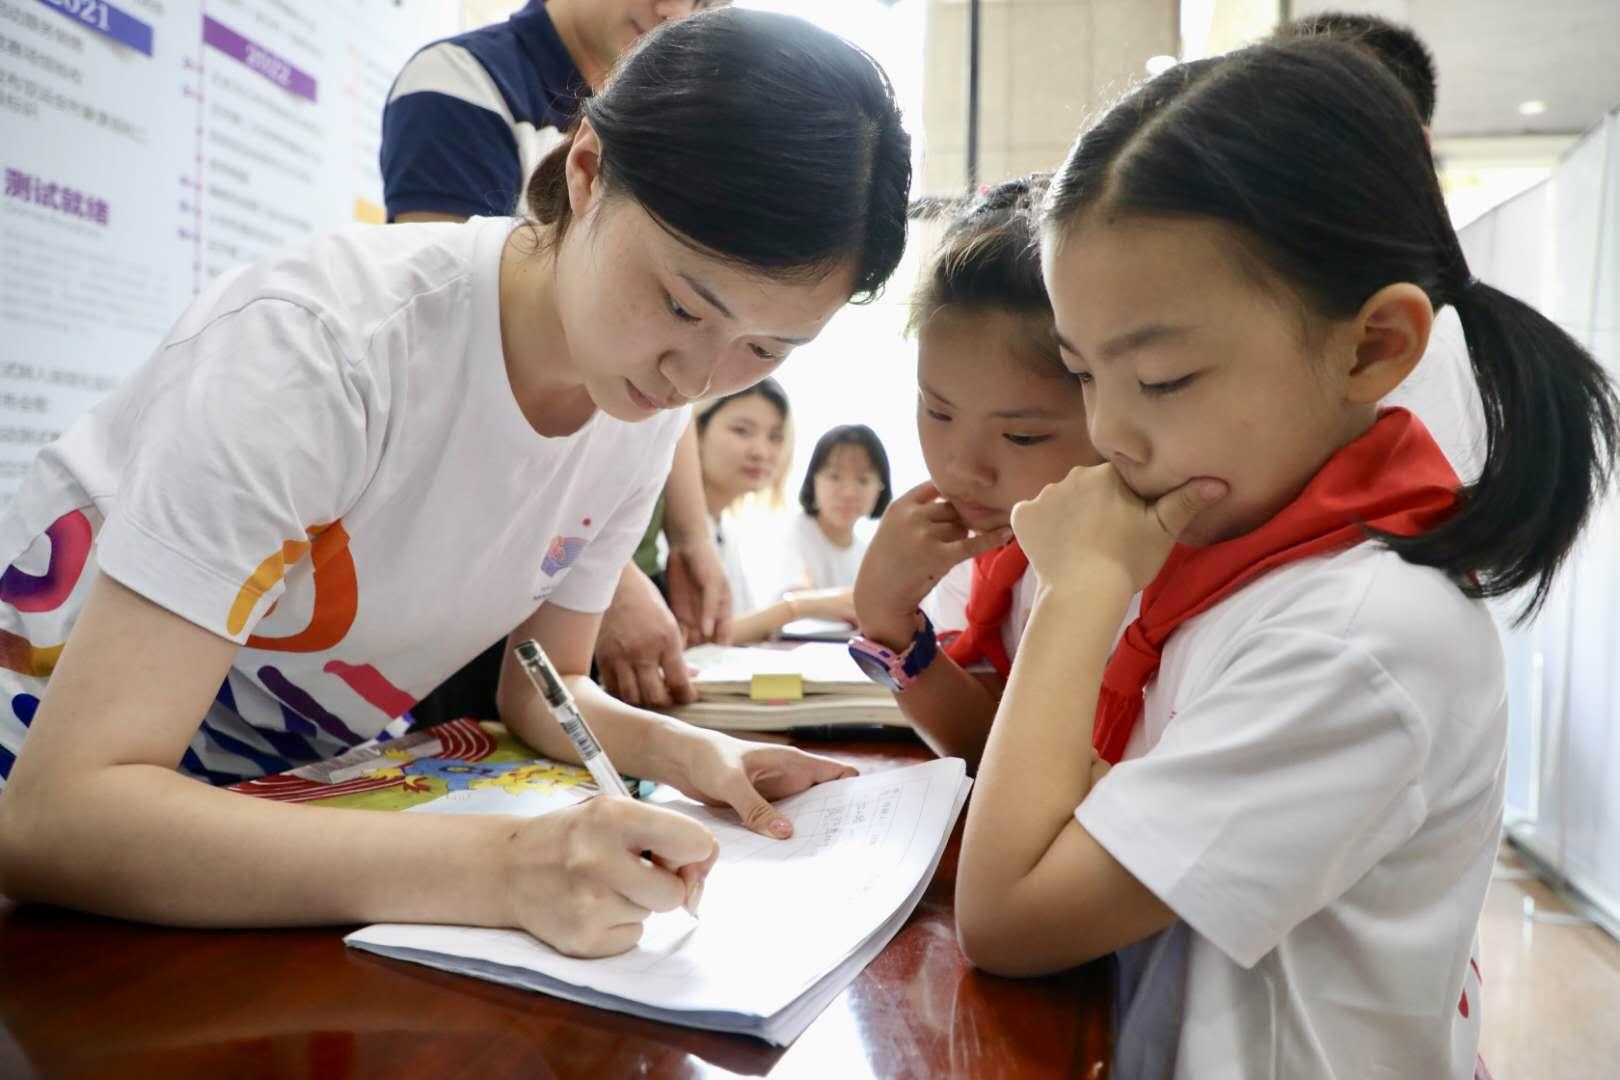 杭州亚运会吉祥物征集收到4633件作品 将进入评审环节